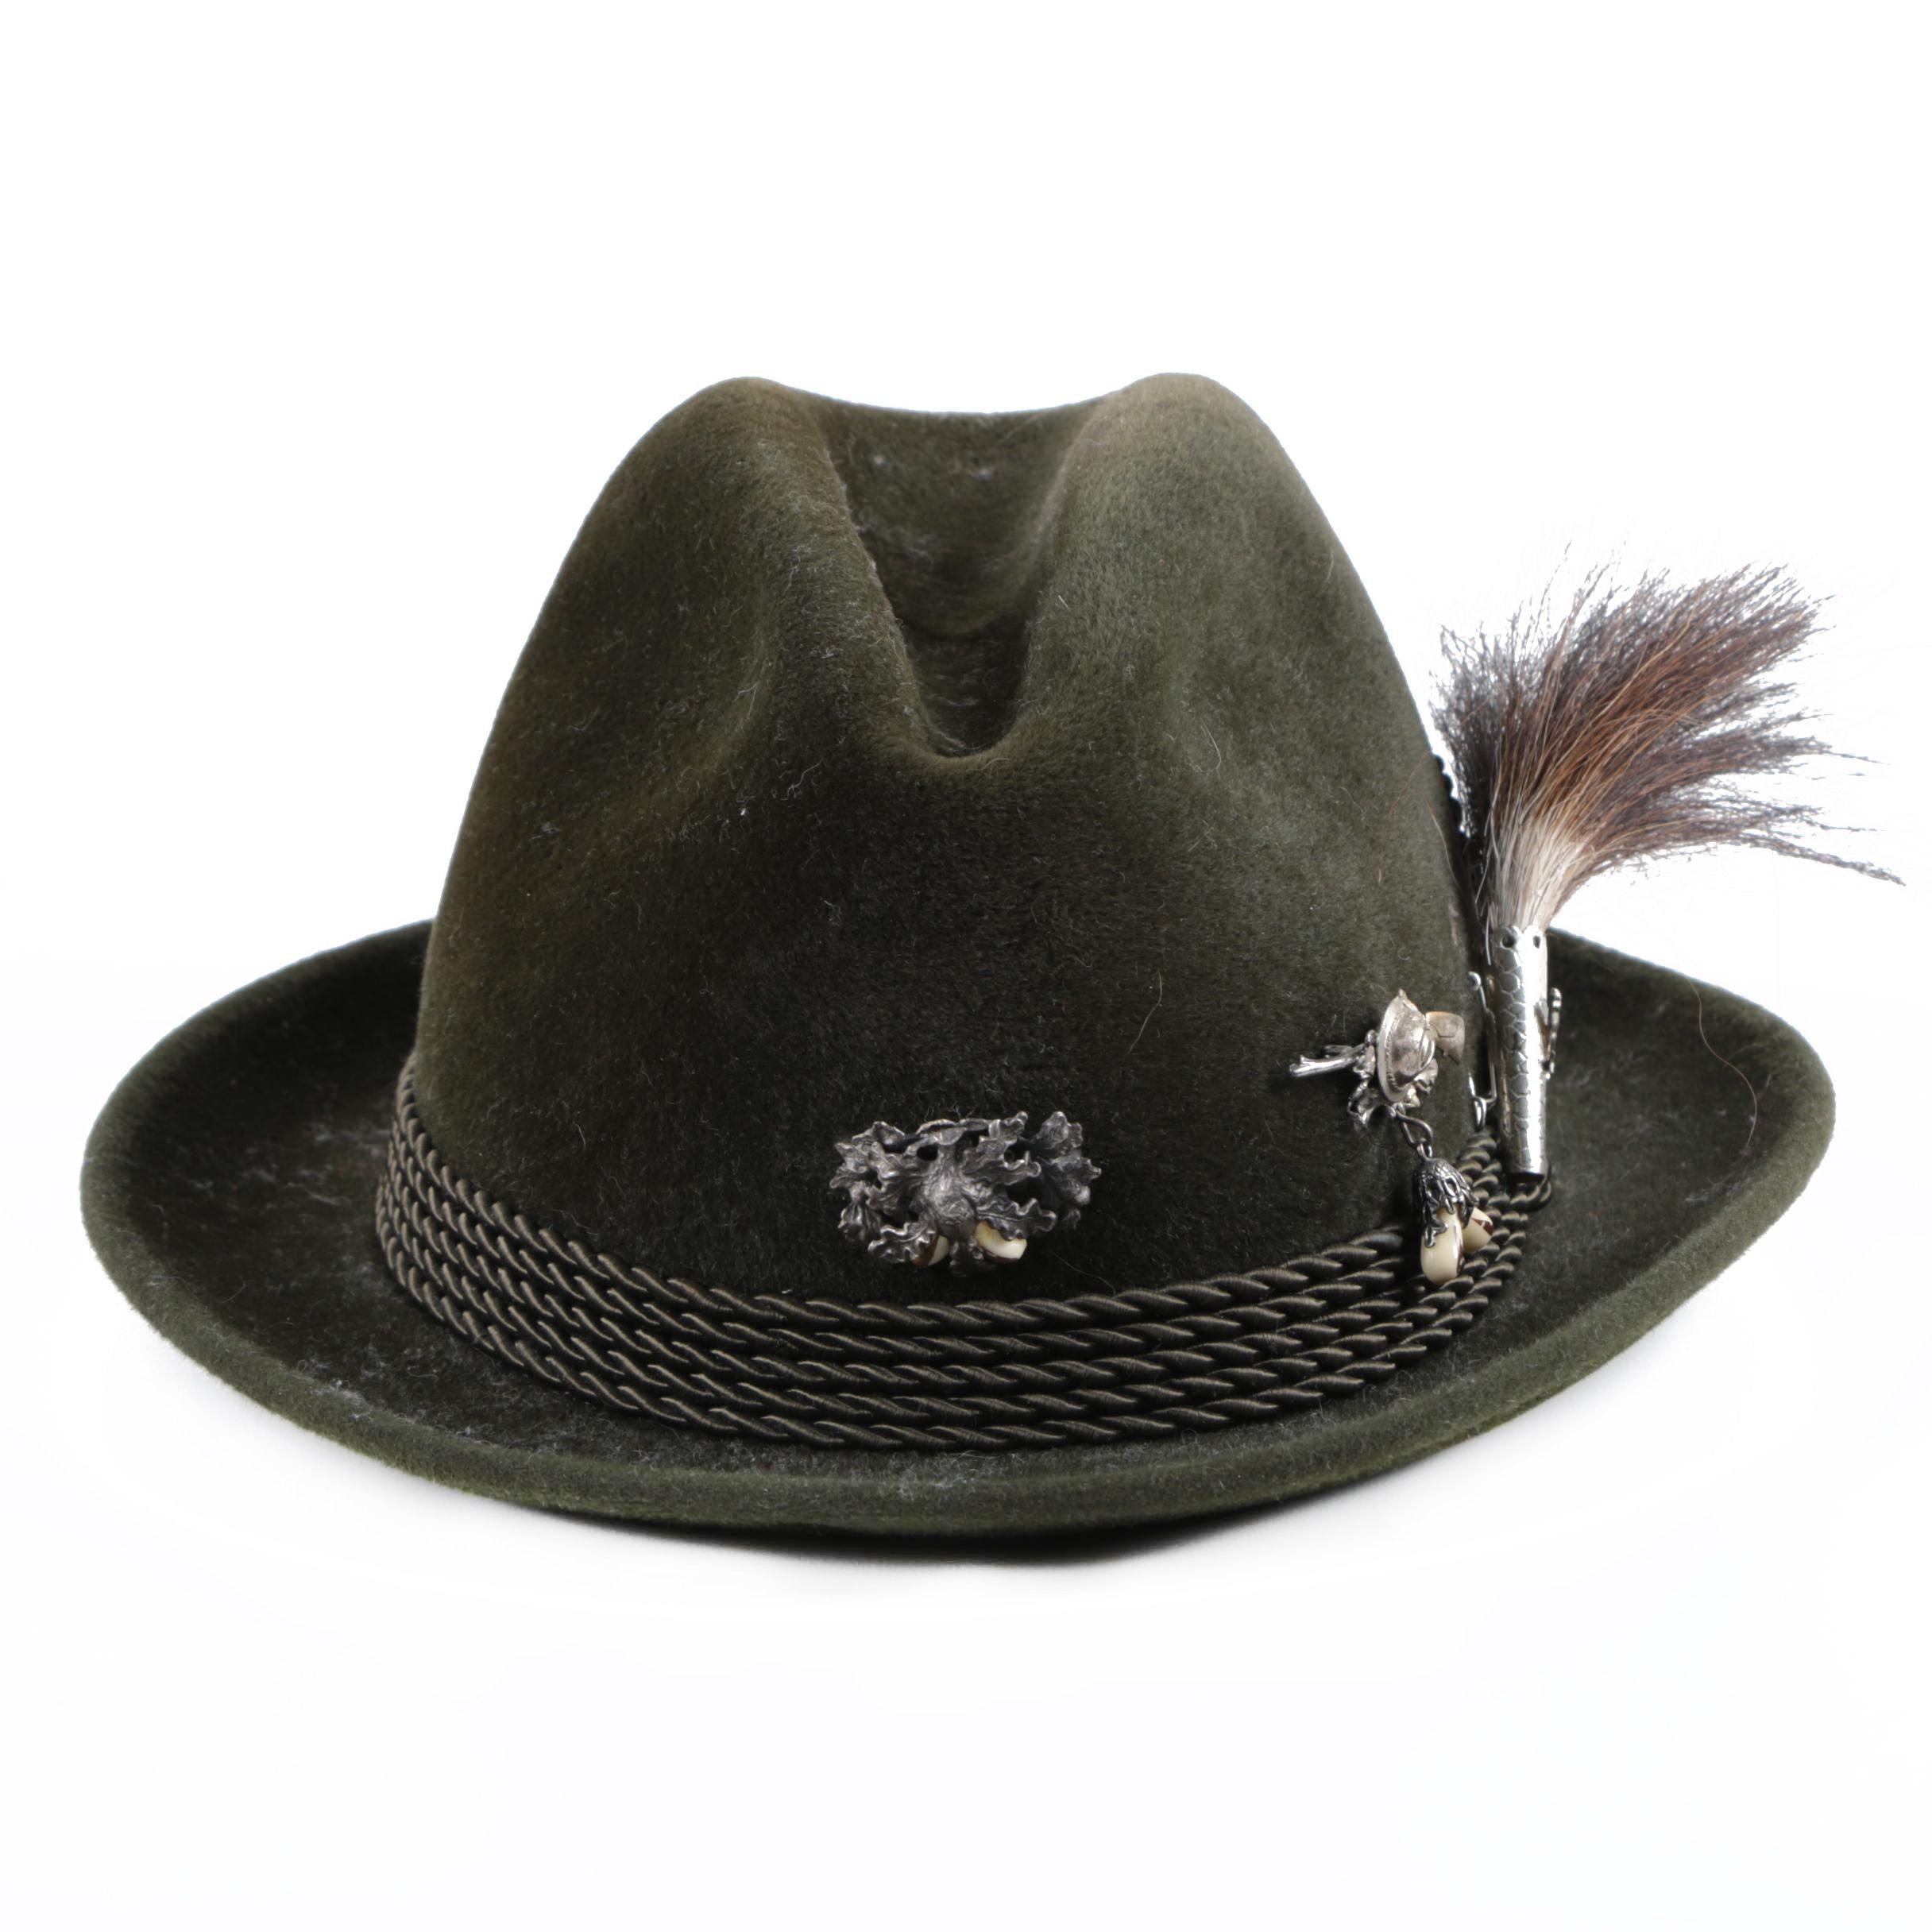 Vintage Ottmar Reich Fur Felt Fedora Hat, Made in Germany